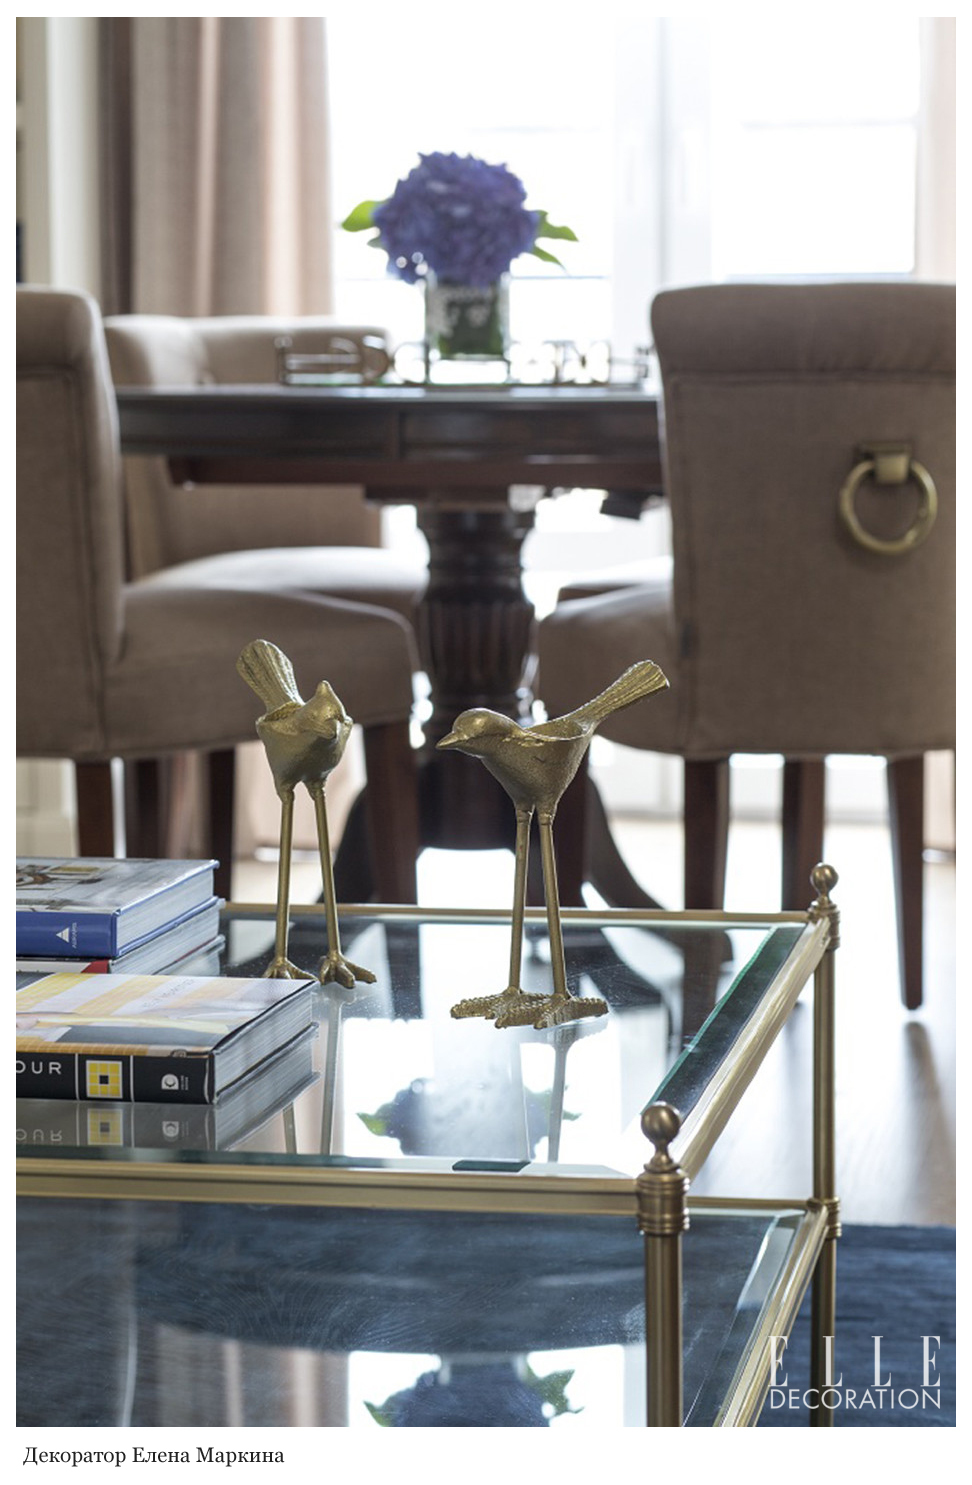 Обеденный стул Eichholtz 105082 Key Largo в интерьере